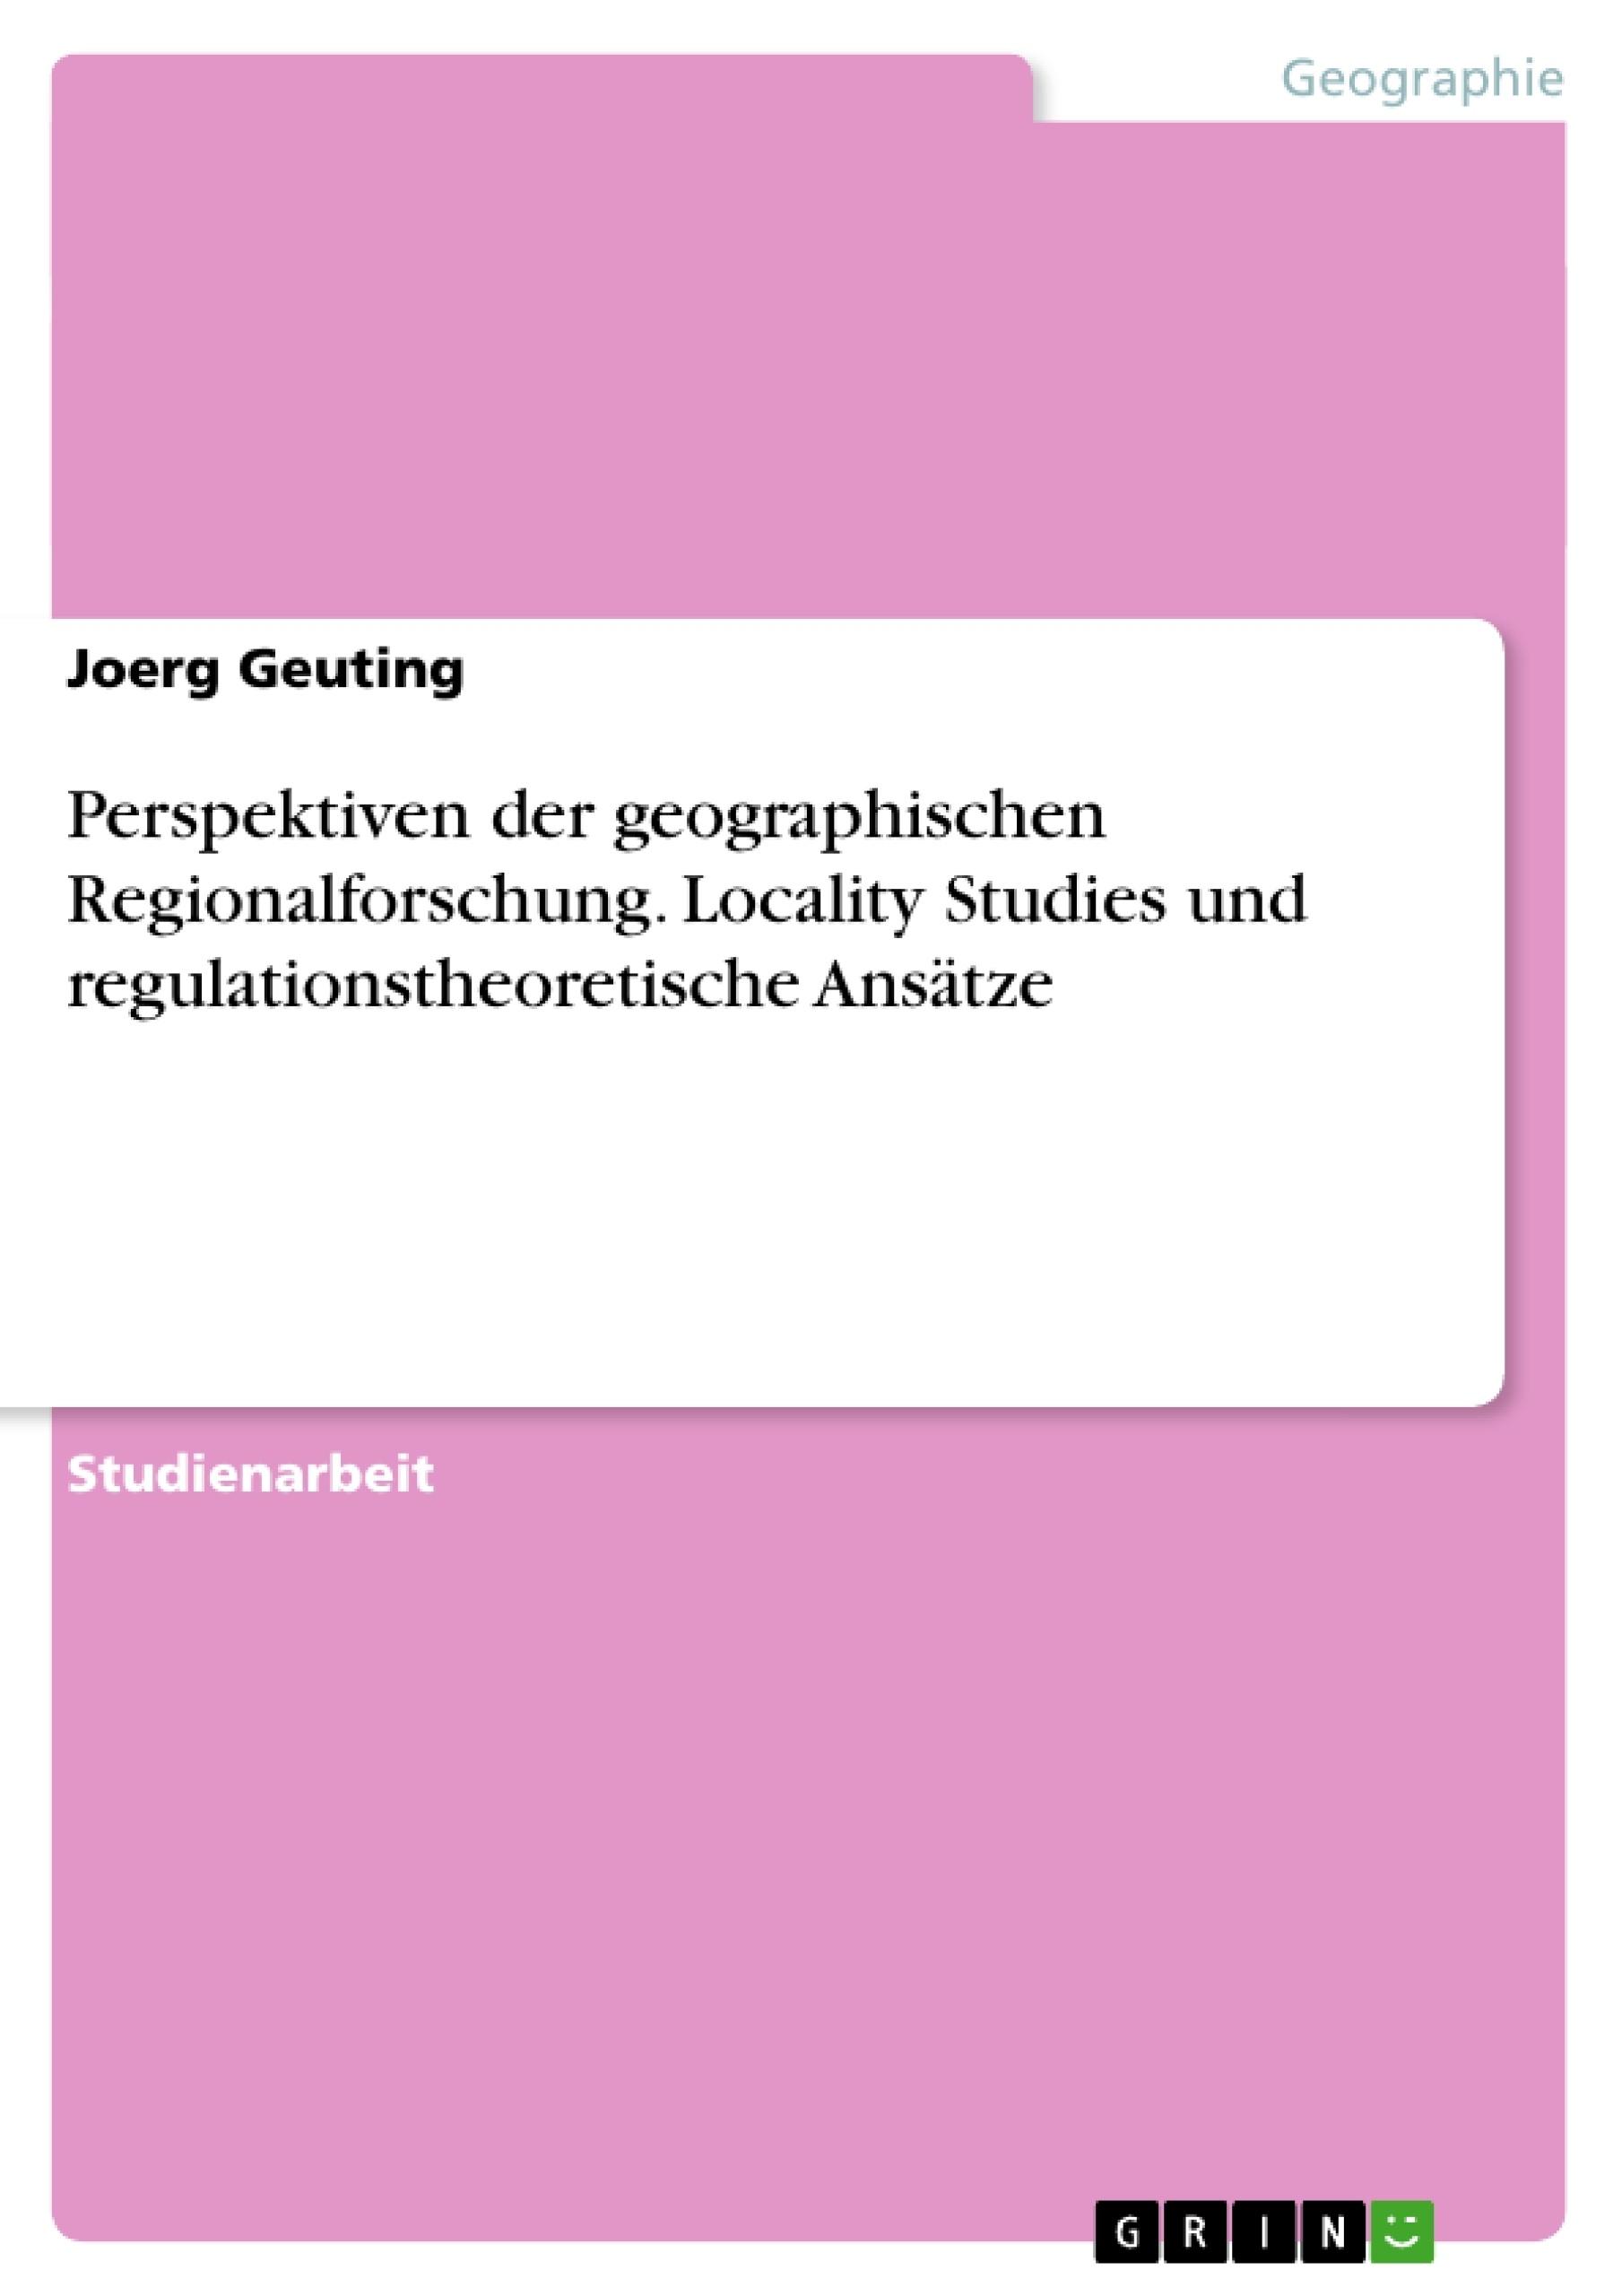 Titel: Perspektiven der geographischen Regionalforschung. Locality Studies und regulationstheoretische Ansätze